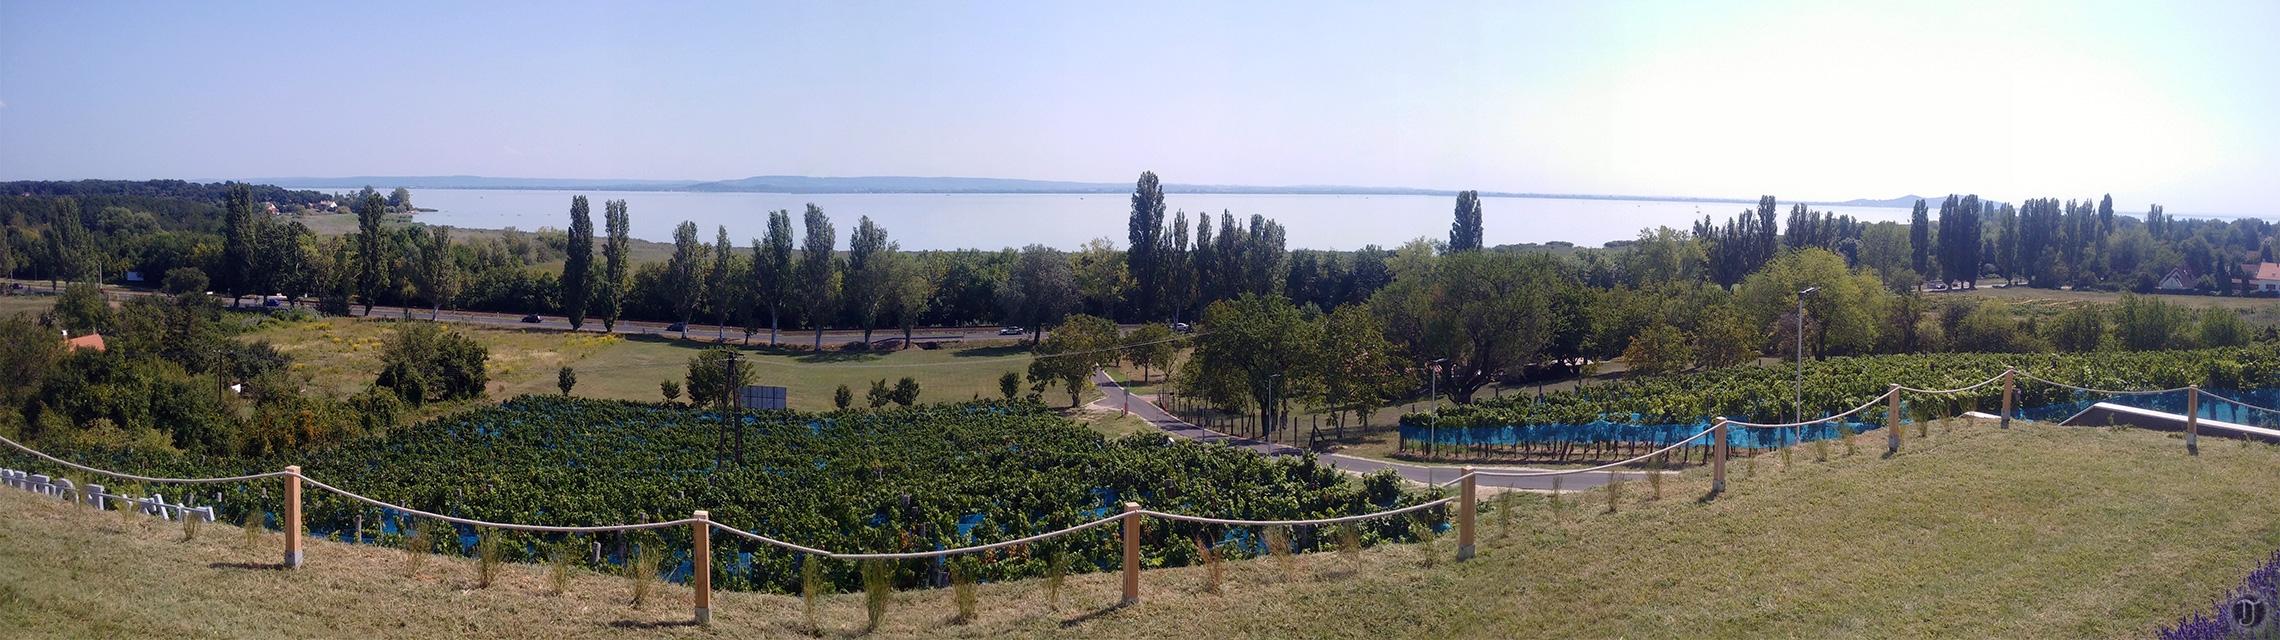 Lake Balaton Winery - Panorama